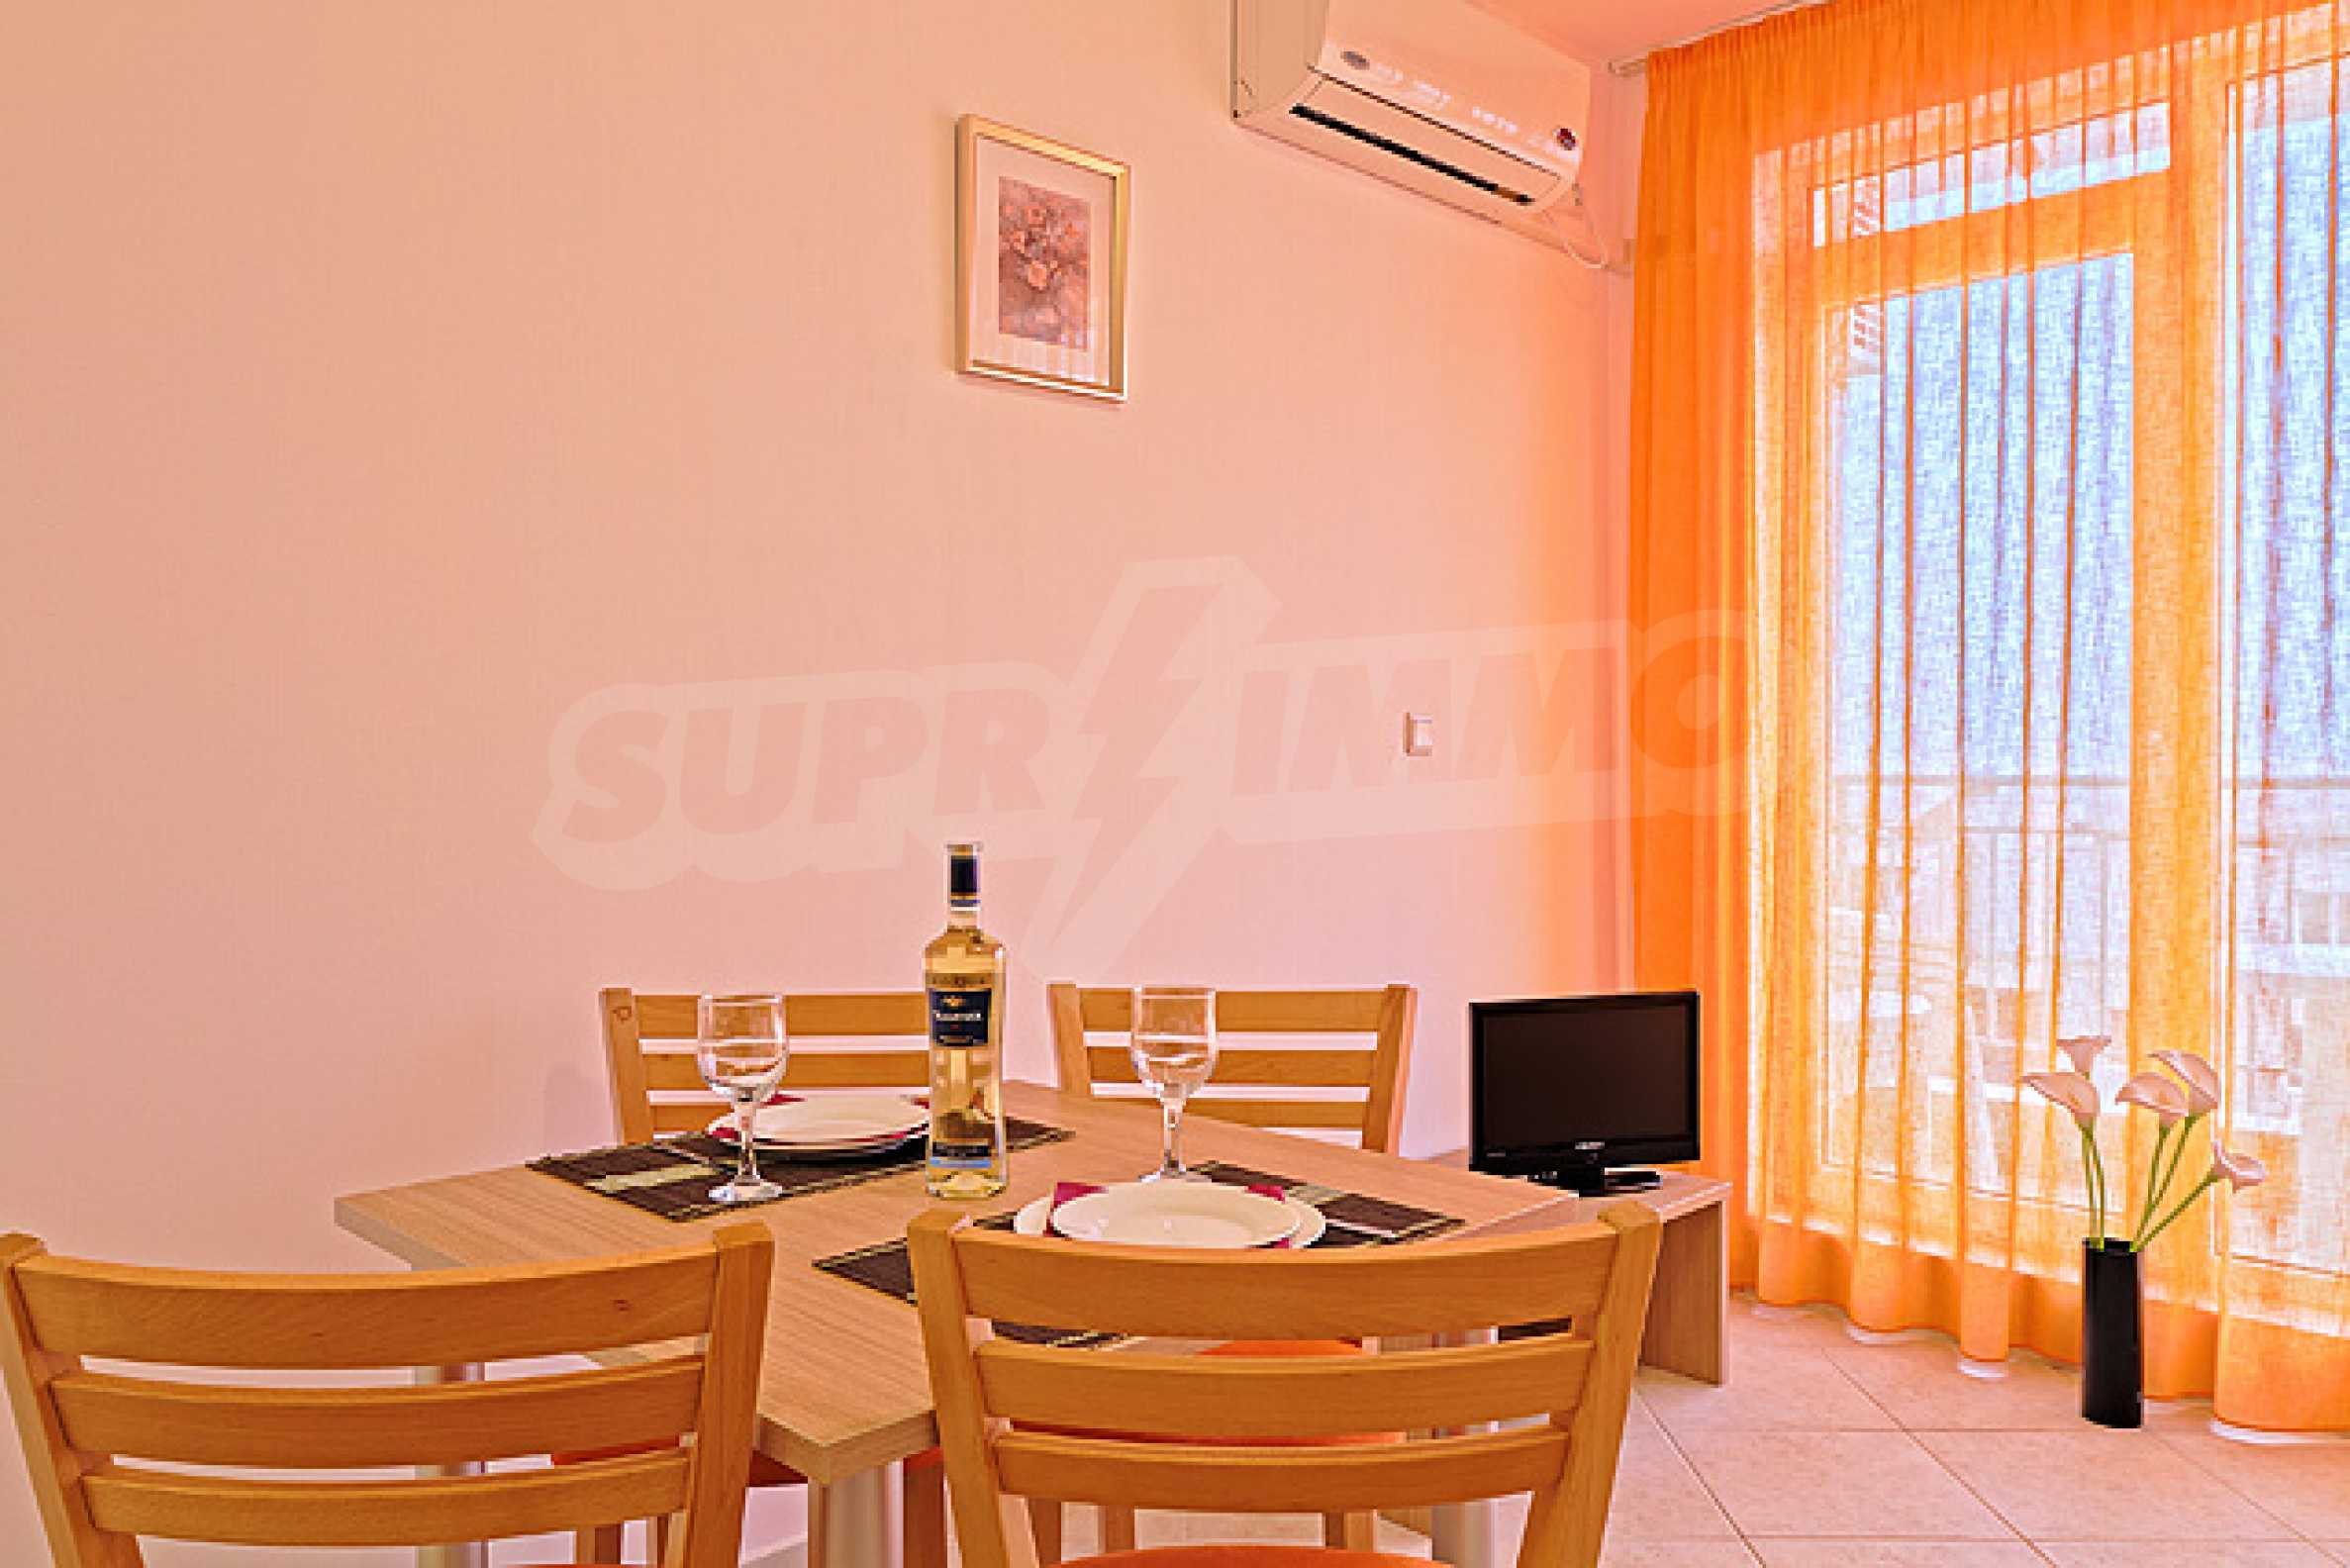 Sunset Kosharitsa - aпартаменти в атрактивен комплекс сред планината и морето, на 5 минути с кола от Слънчев бряг 15